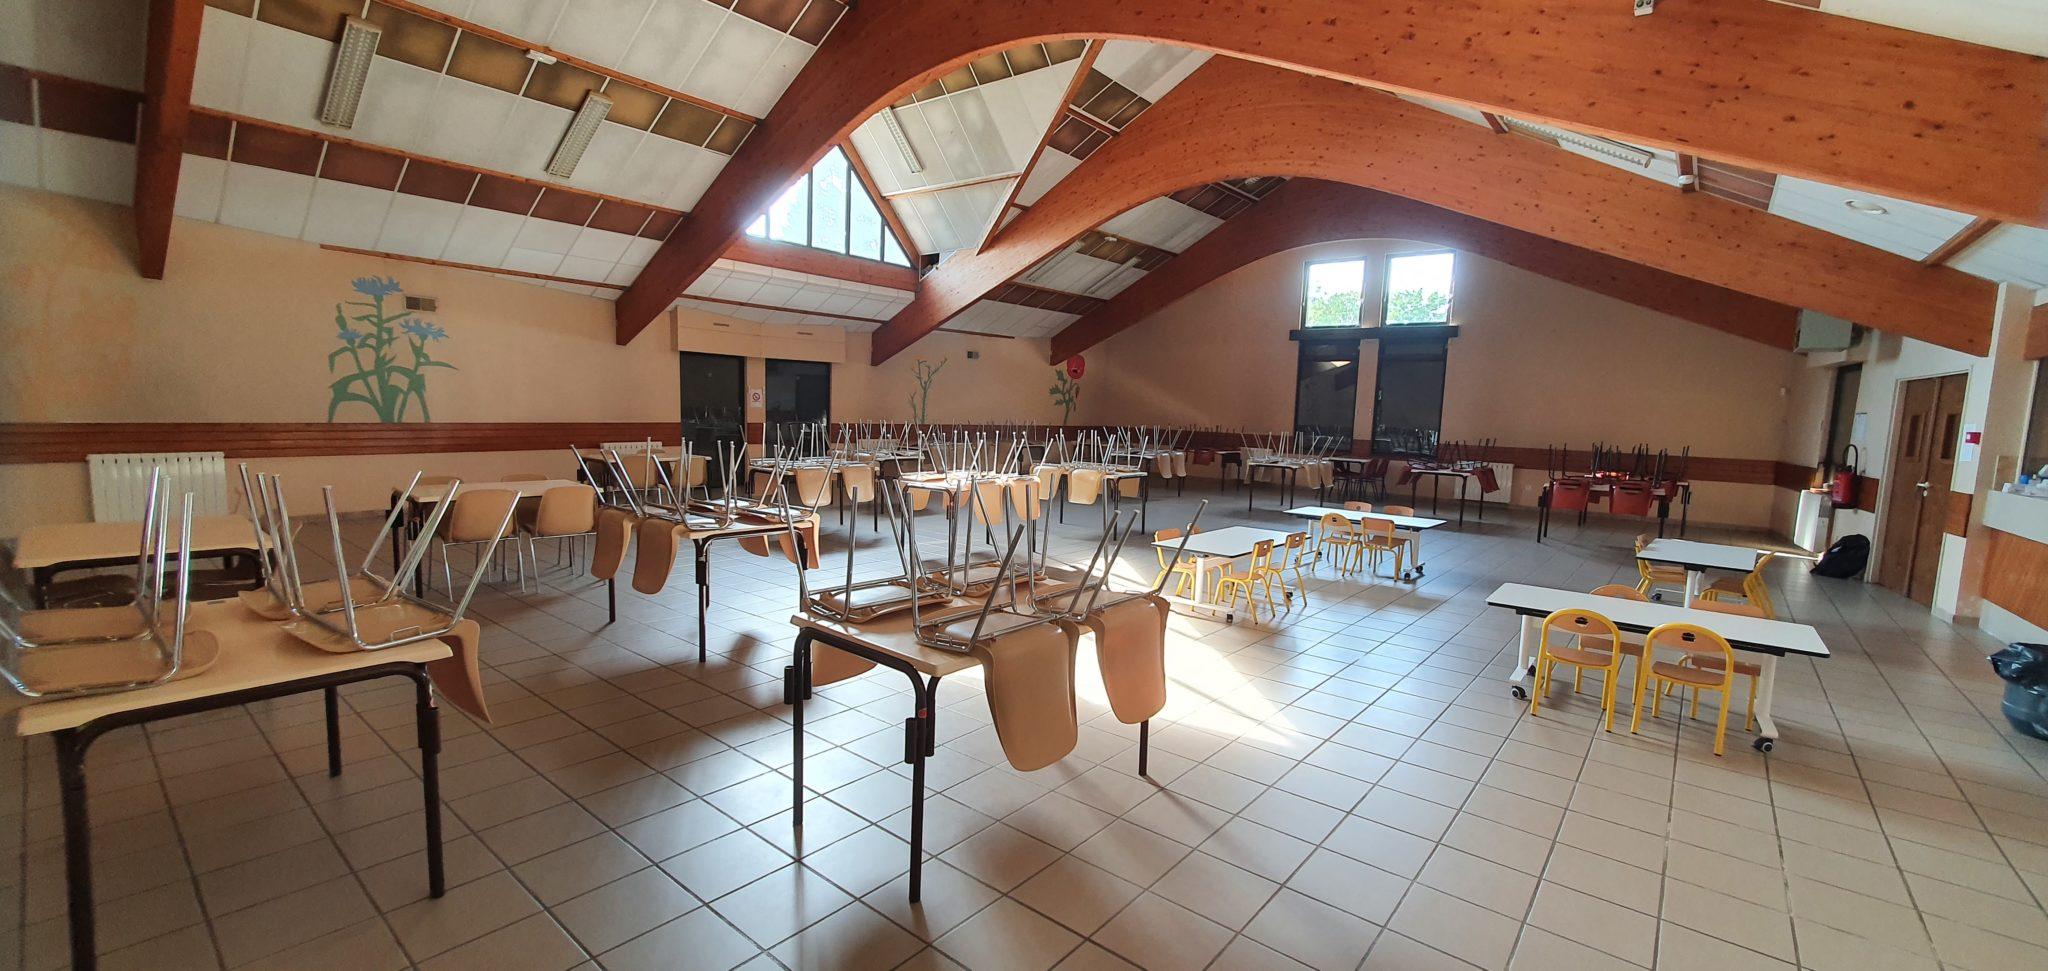 Read more about the article Restauration scolaire à Crimolois… nos têtes blondes seront plus à l'aise.